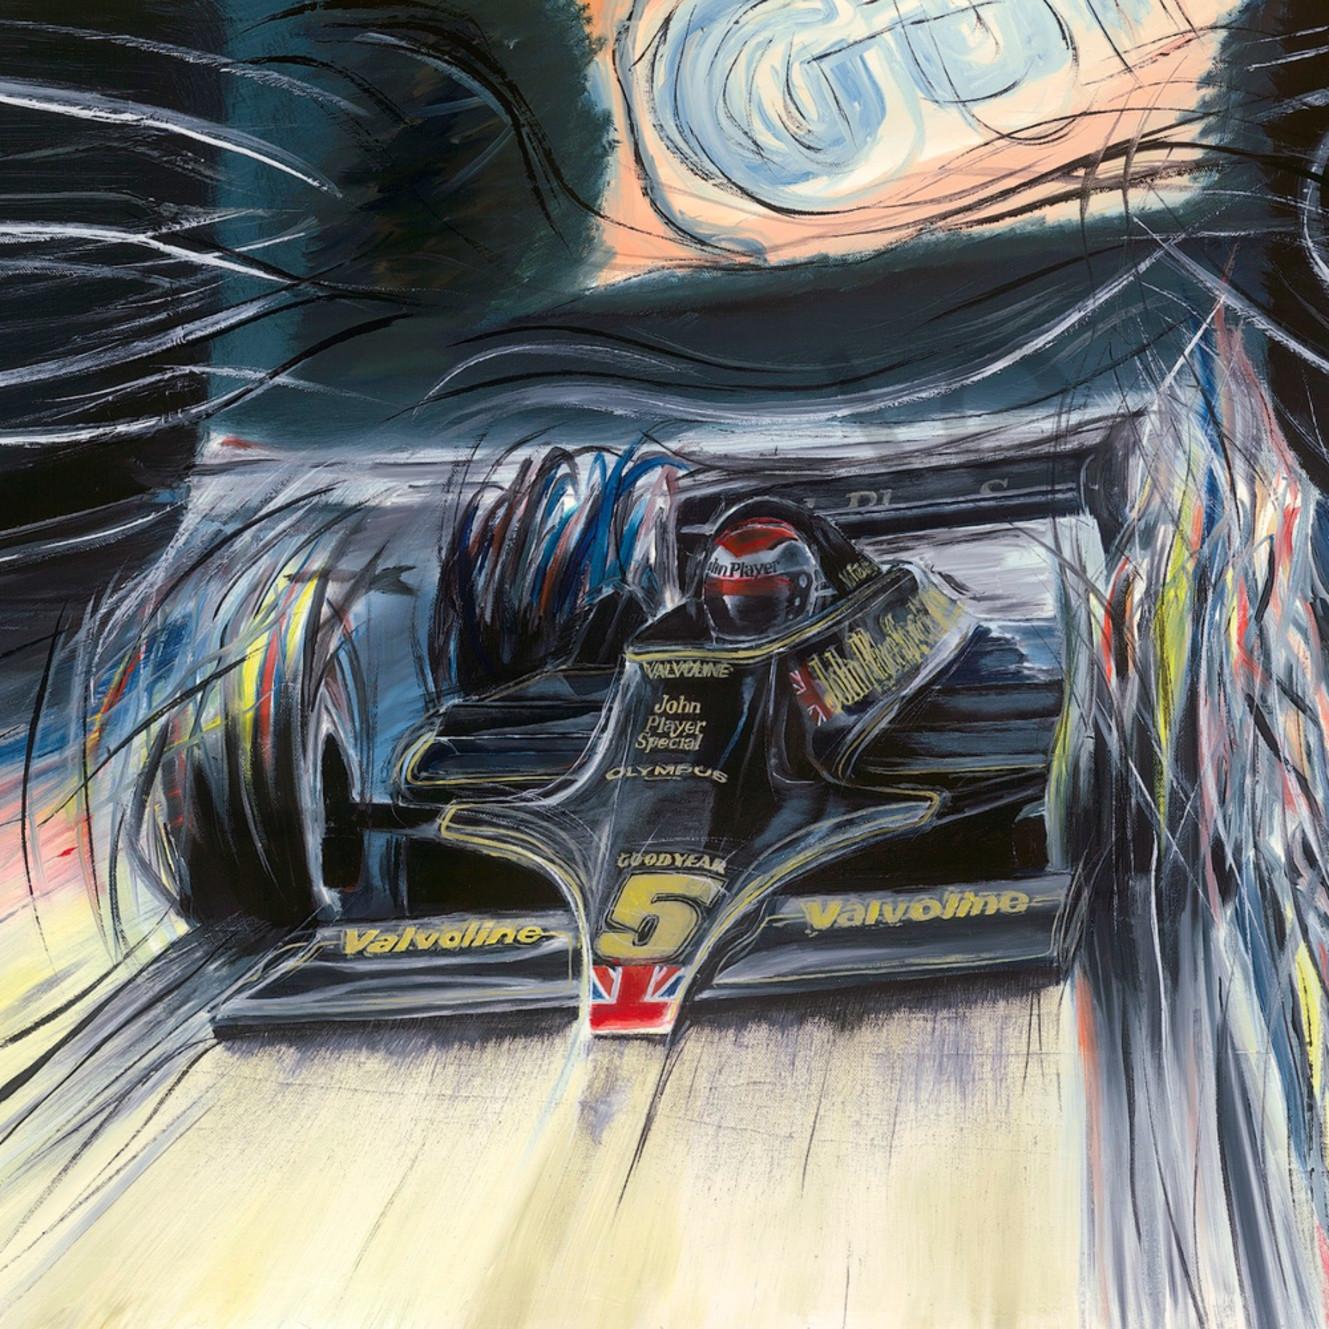 Andretti monza 78 final bocd83